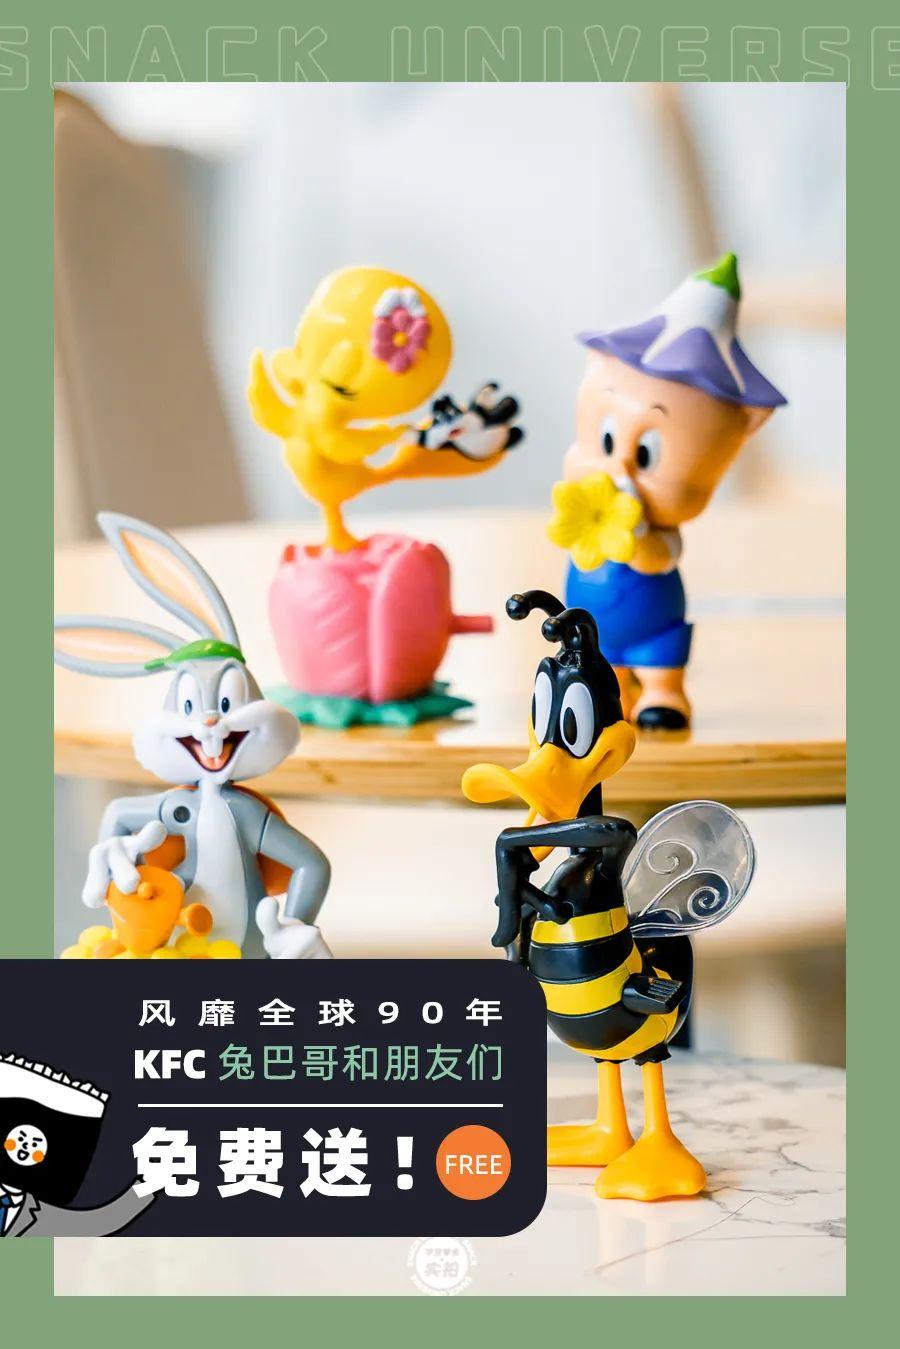 肯德基上新,春季限定「兔八哥全套」玩具,免费送!